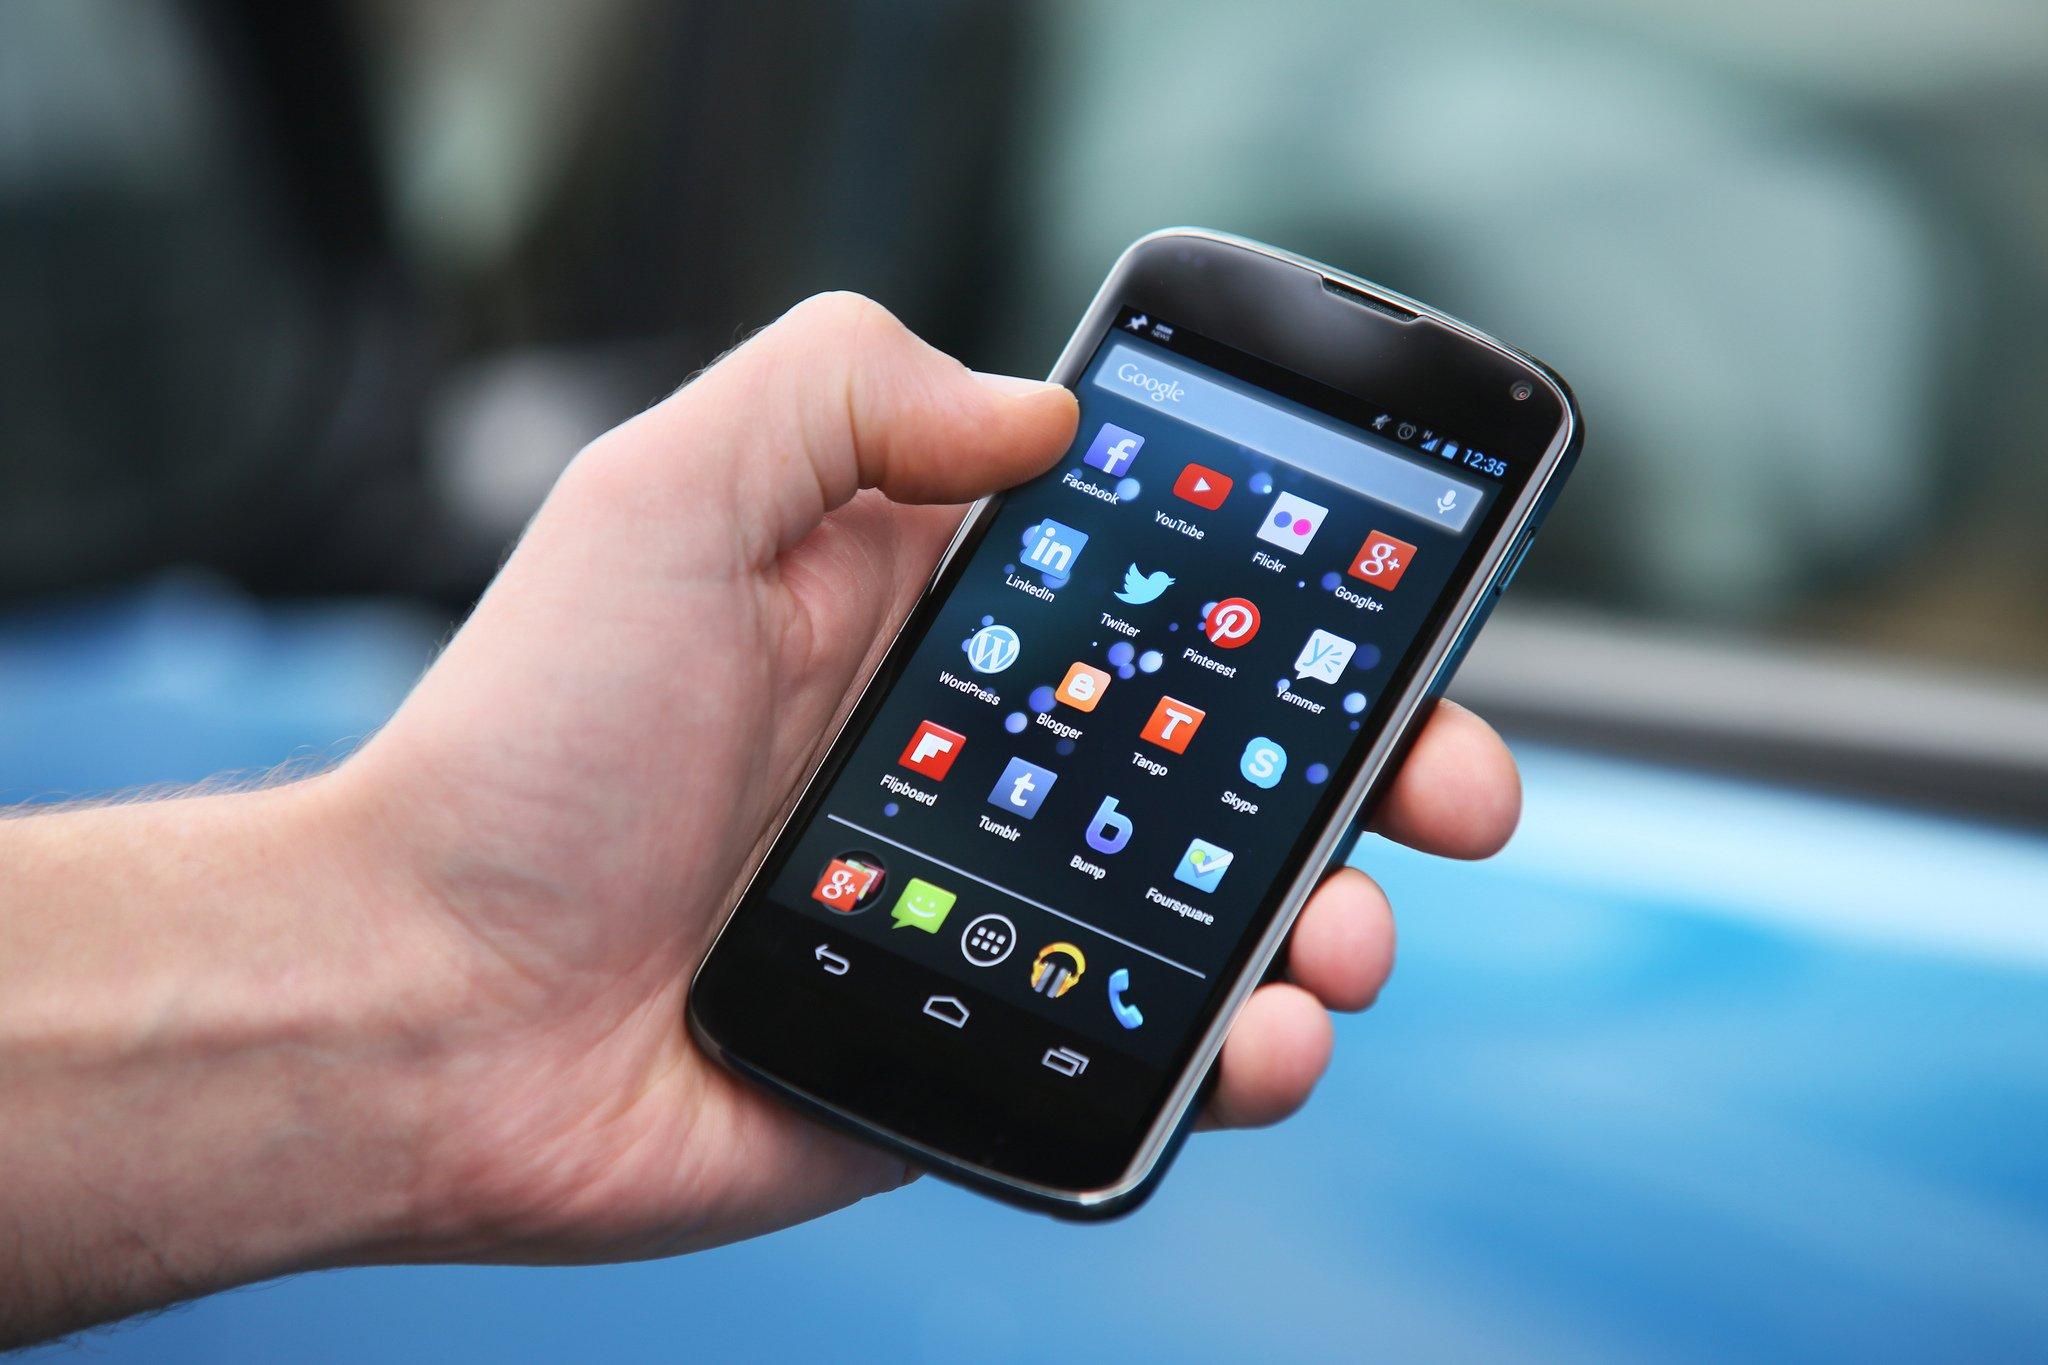 Quelle: https://www.businessinsider.de/diese-x-apps-sollten-android-user-lieber-loeschen-sie-sind-nutzlos-und-sogar-gefaehrlich-2018-12?IR=T